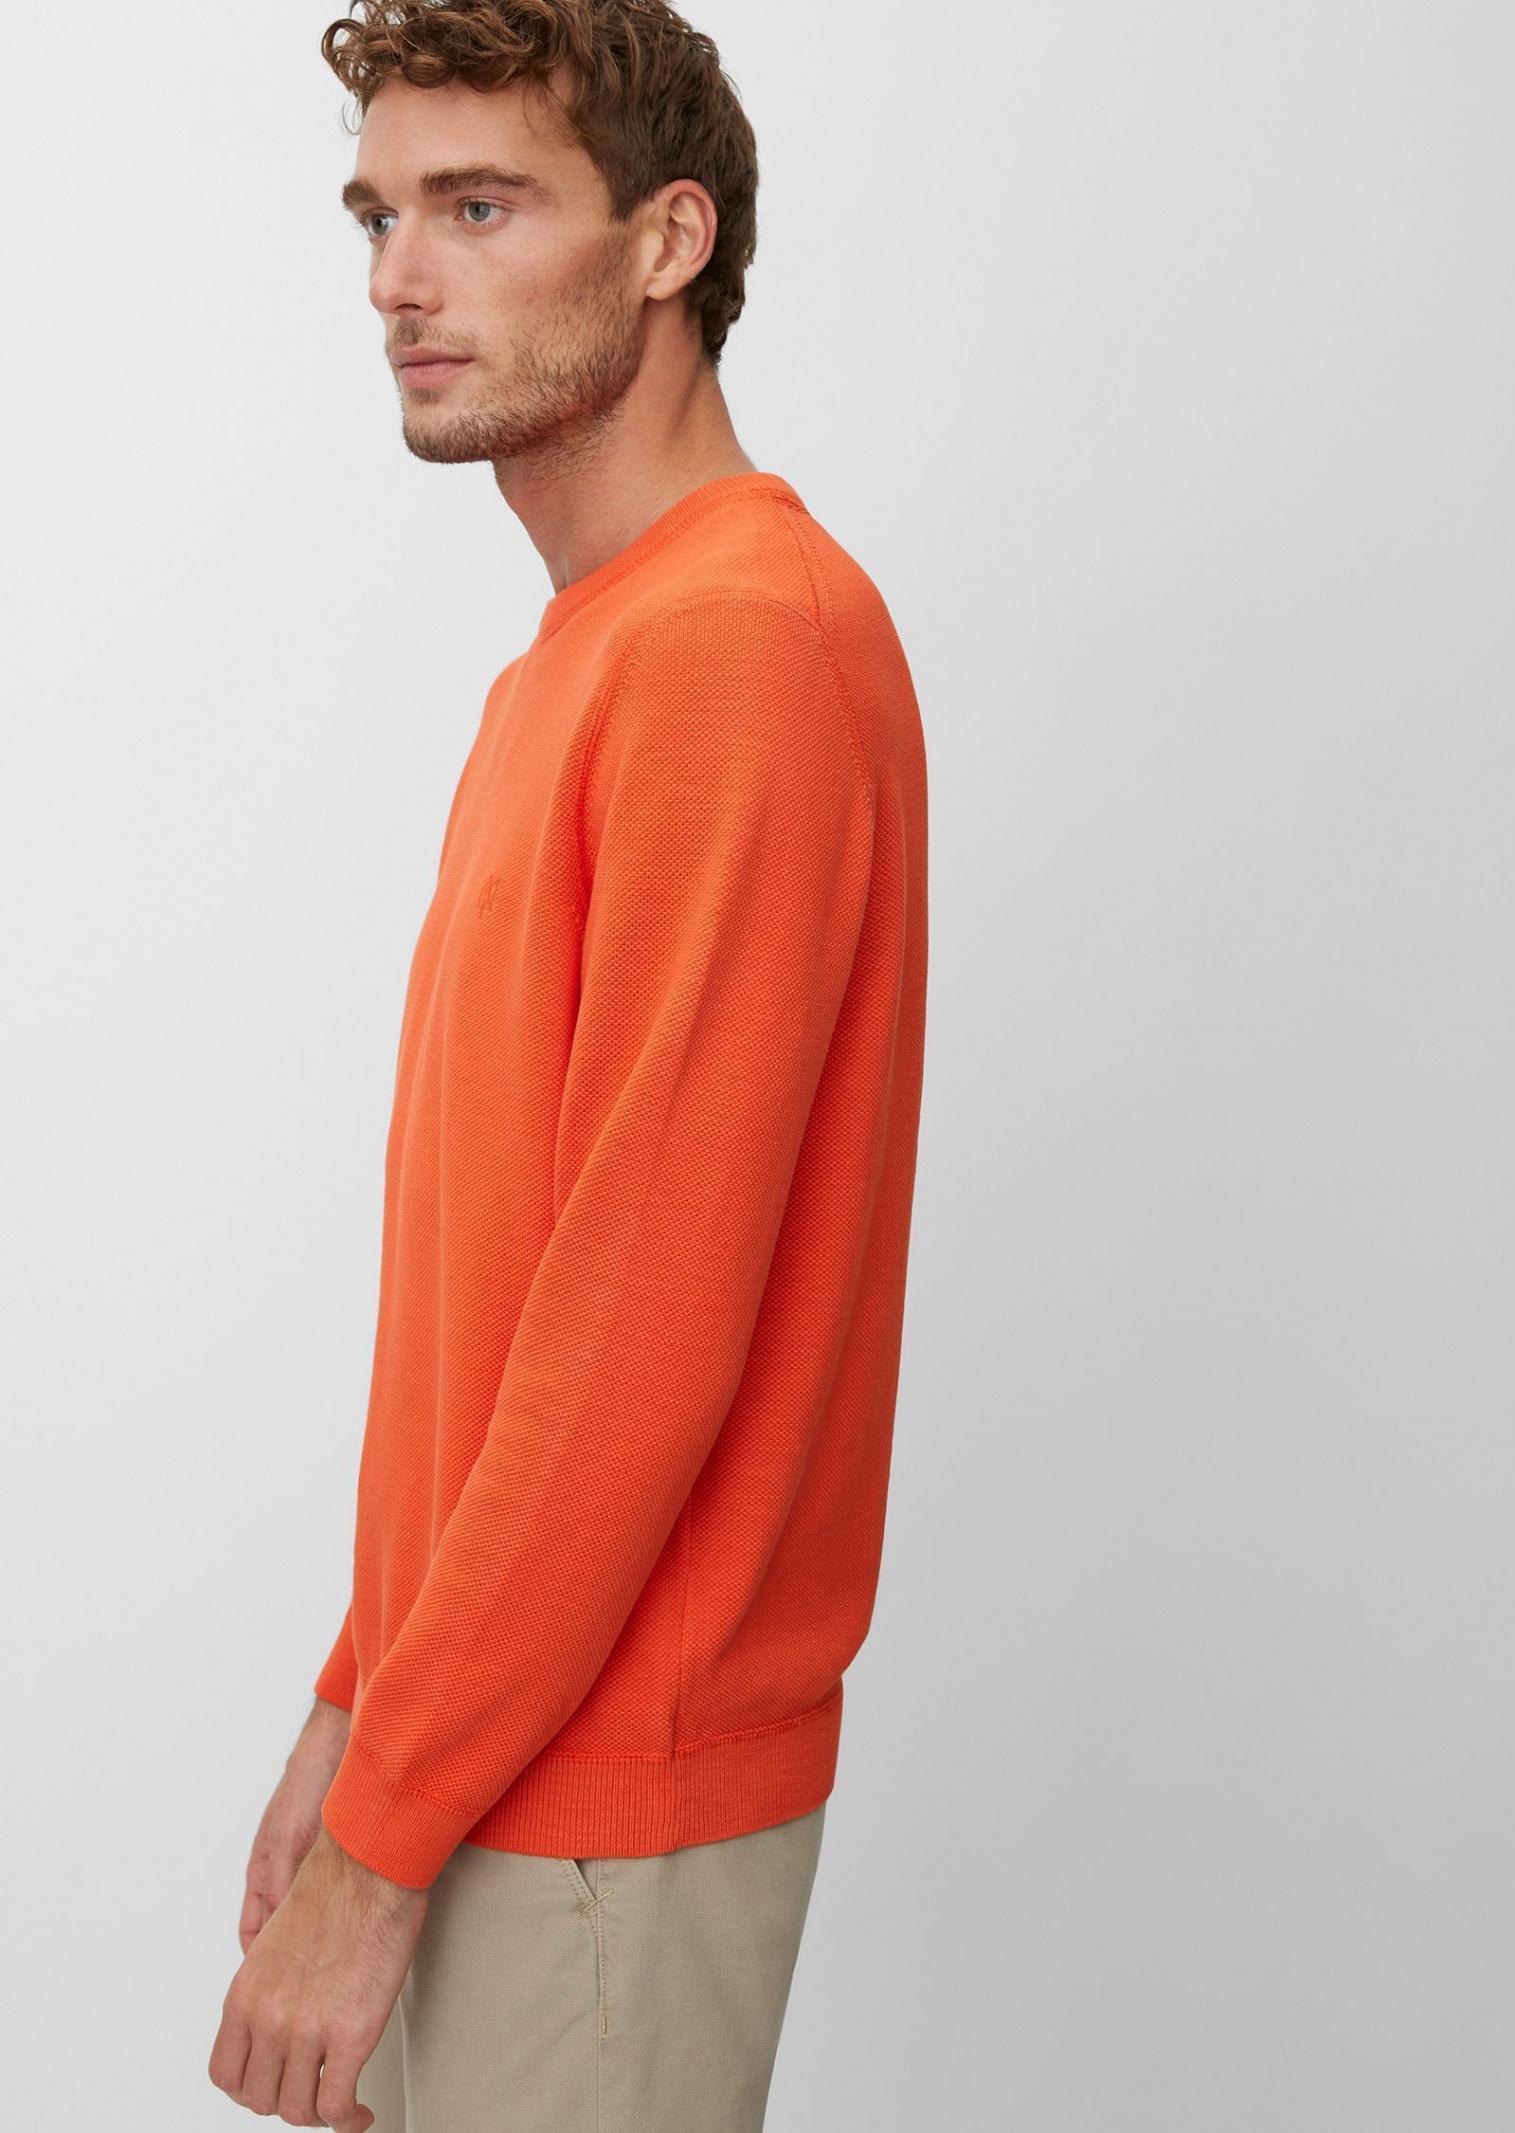 MARC O'POLO Кофти та светри чоловічі модель 021500460134-289 характеристики, 2017